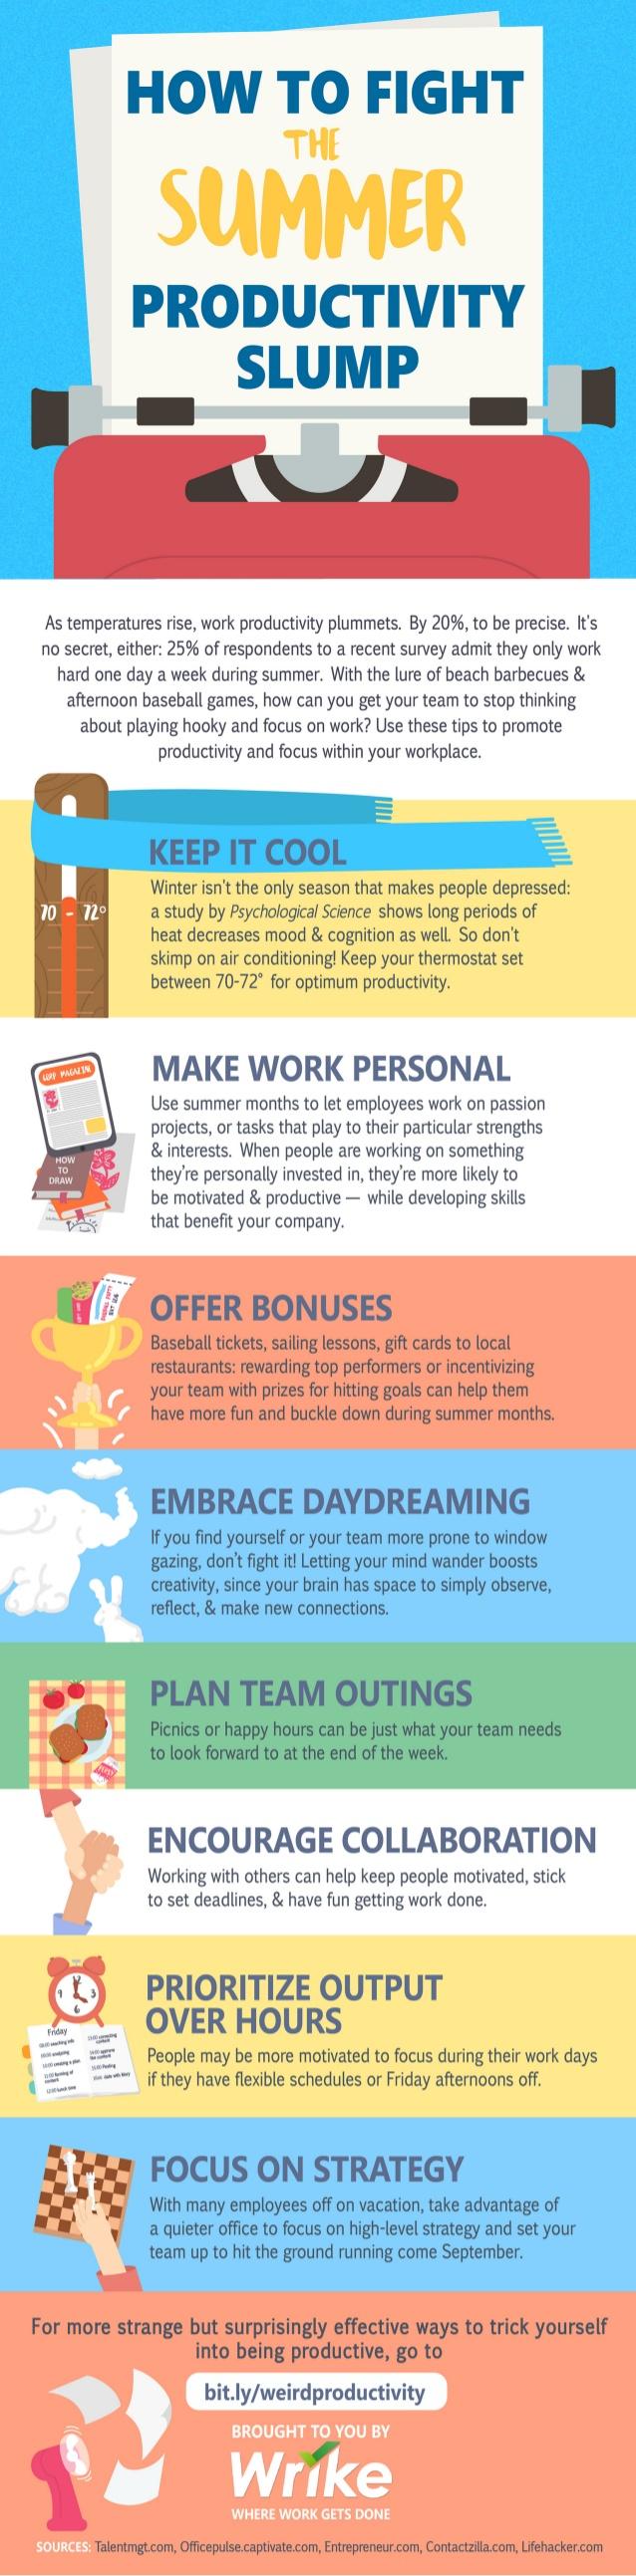 Cómo combatir la caída de productividad en verano